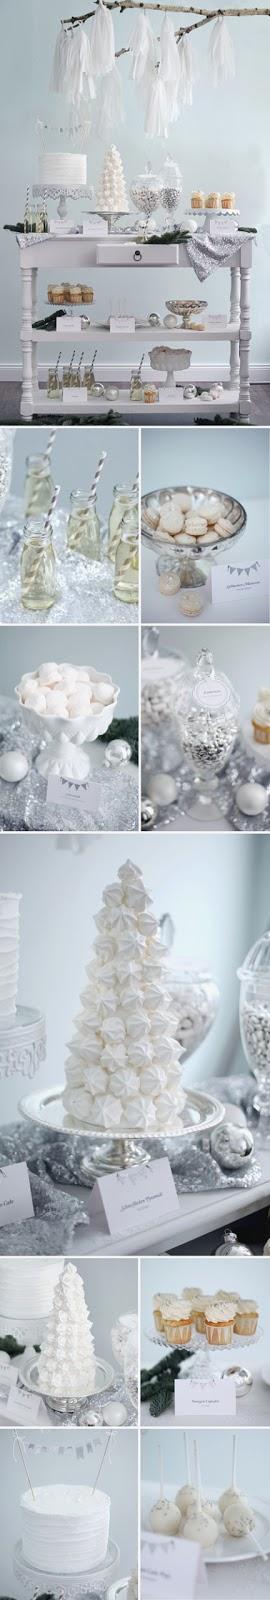 semplicemente perfetto party natale bianco total white tavola